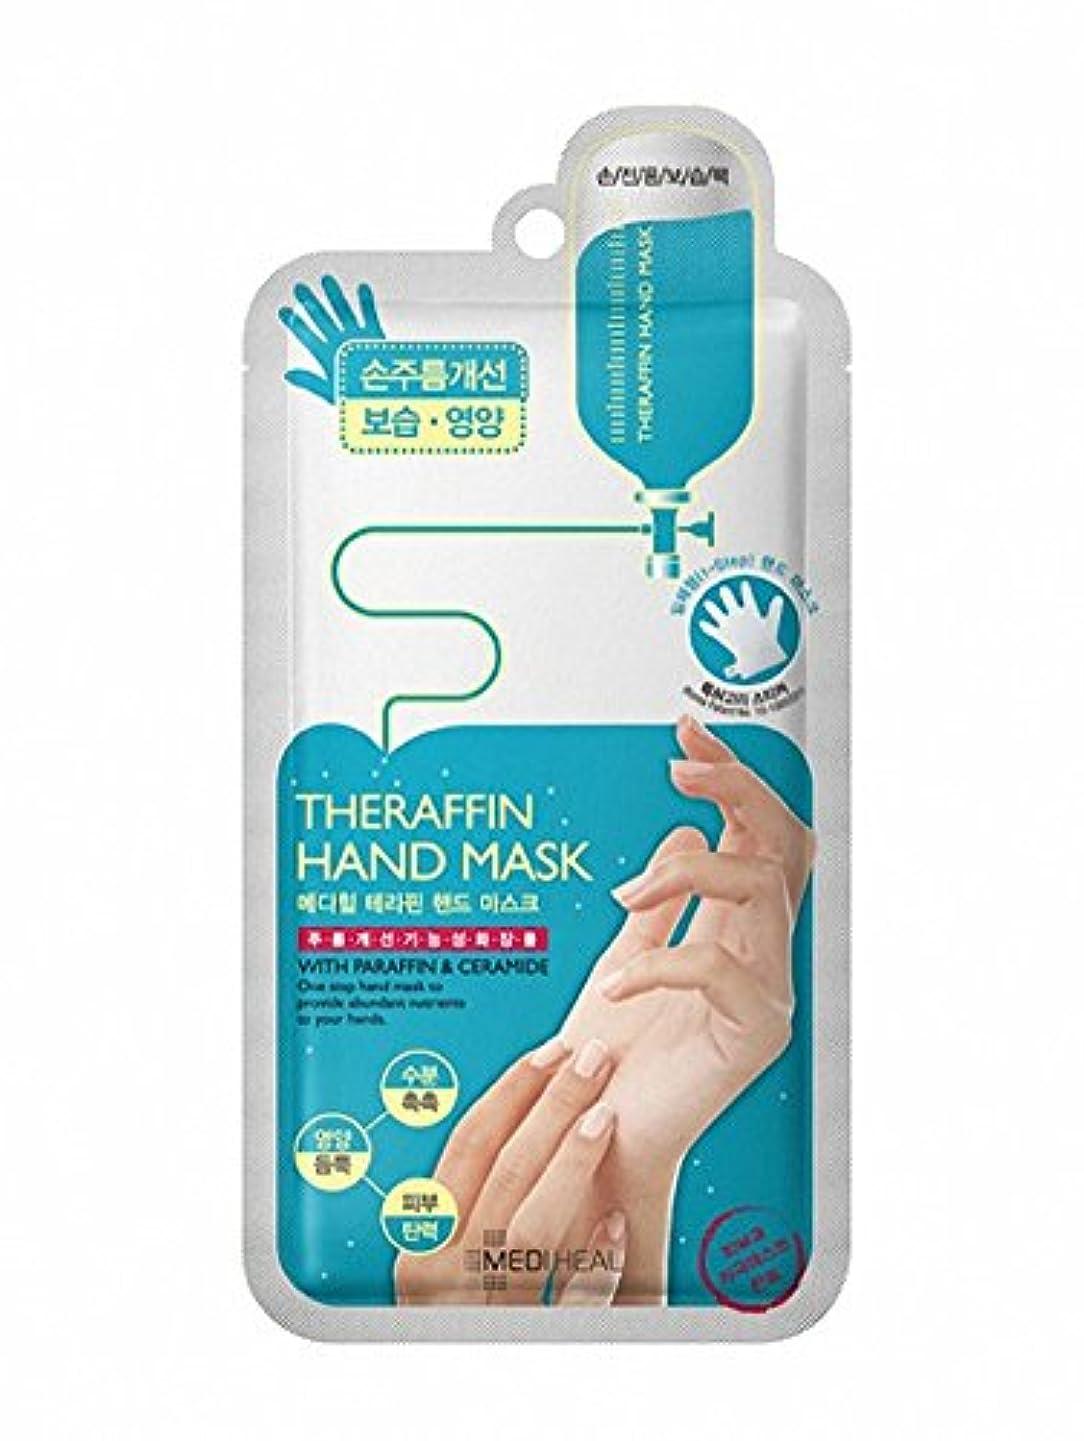 電極こどもの宮殿不足メディヒール MEDIHEAL テラピンハンドマスクパック10枚セット(THERAFFIN HAND MASK PACK) 韓国直配送 THEBAMP